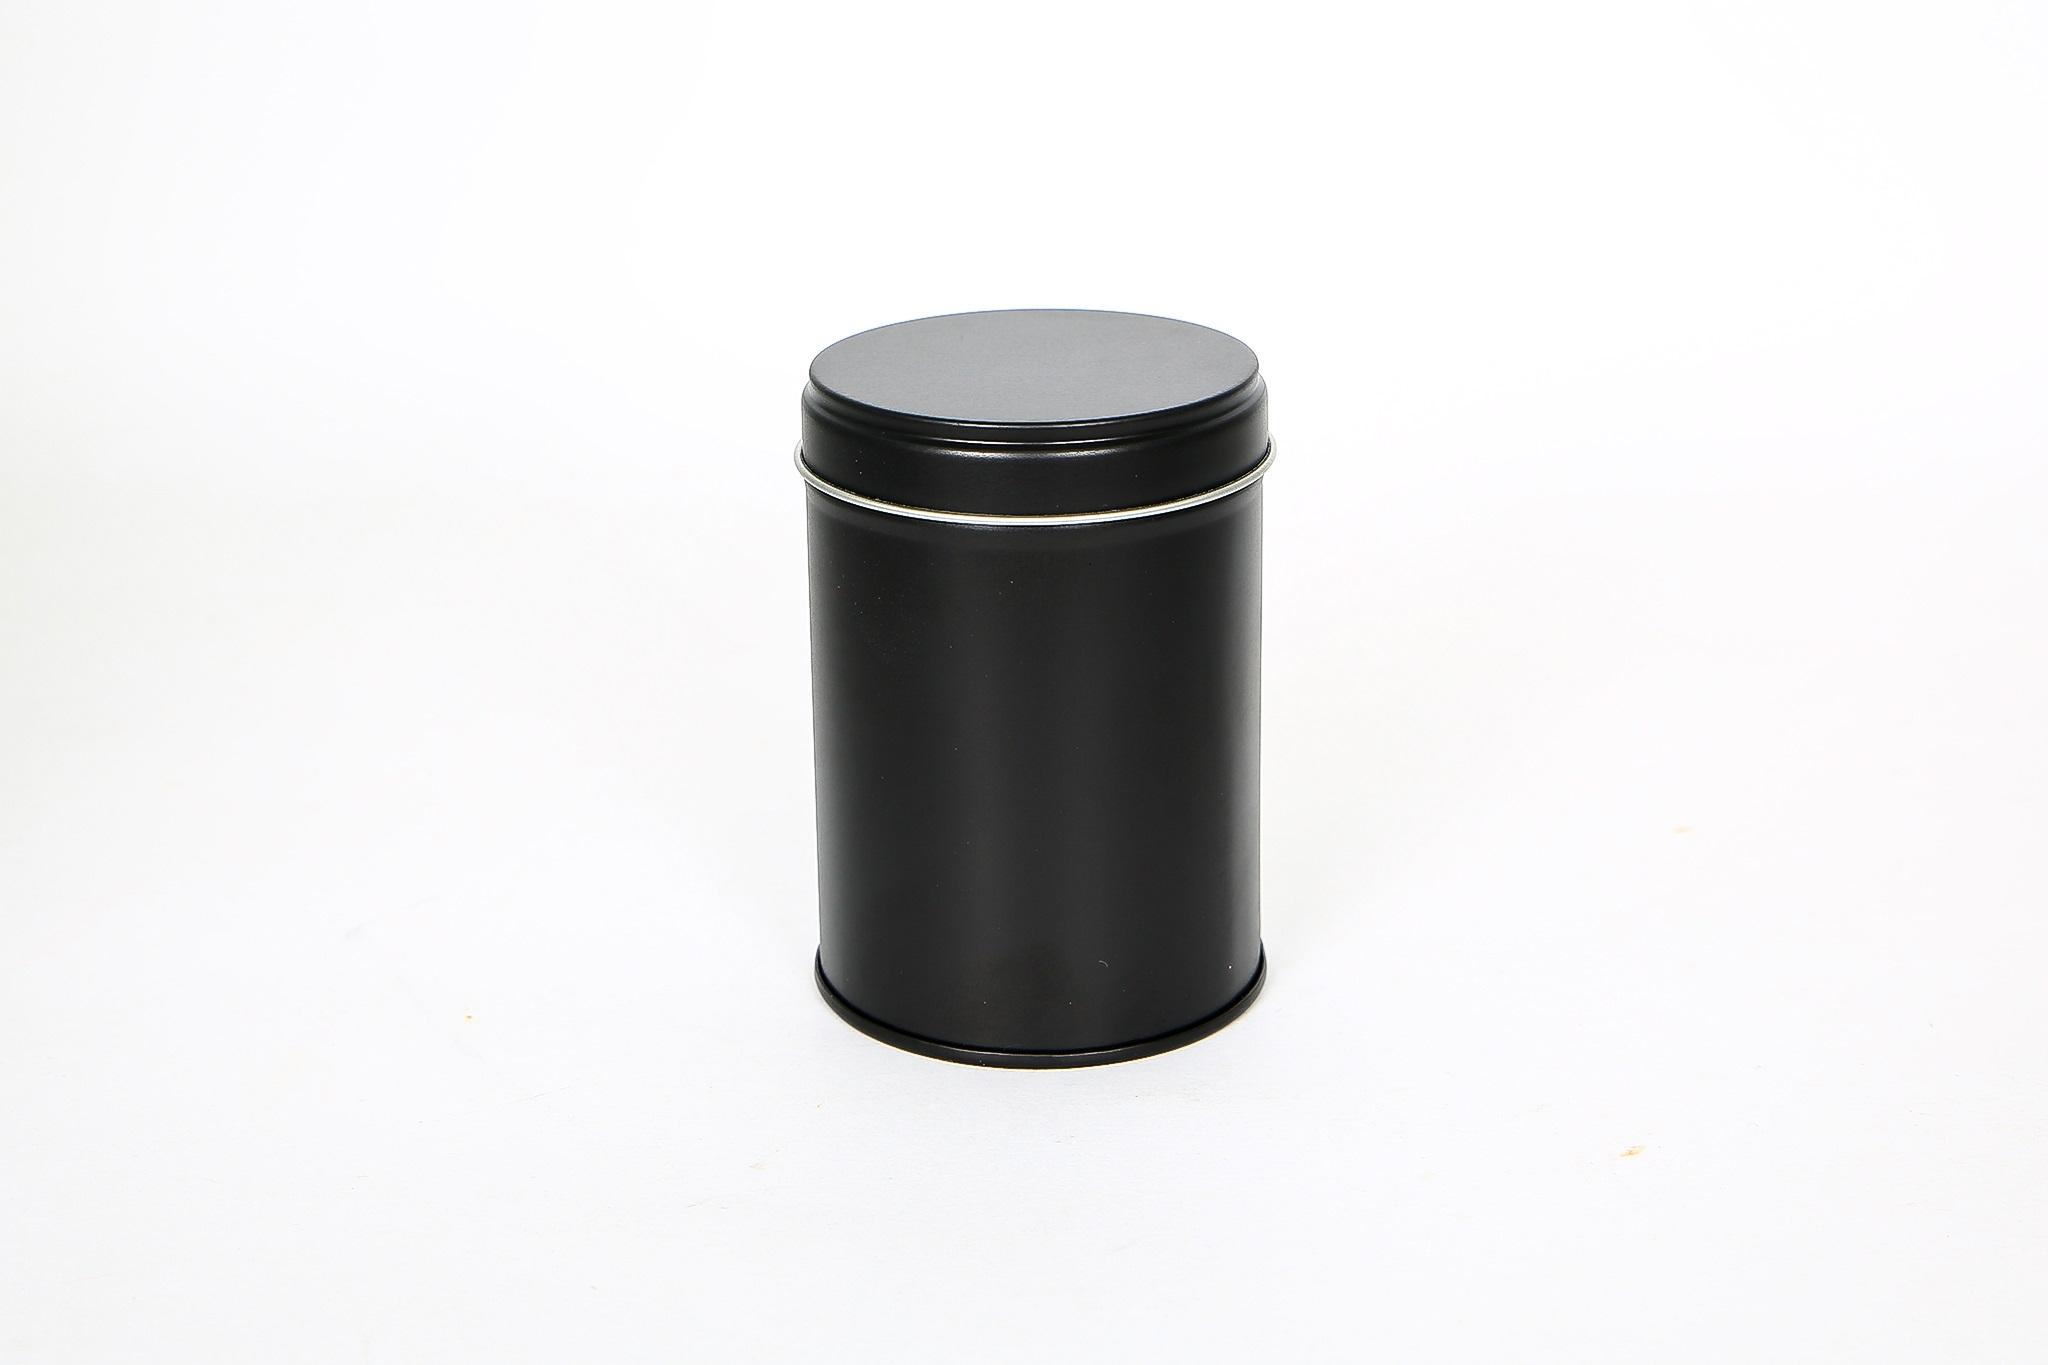 Runde Weißblechdose für Gewürze